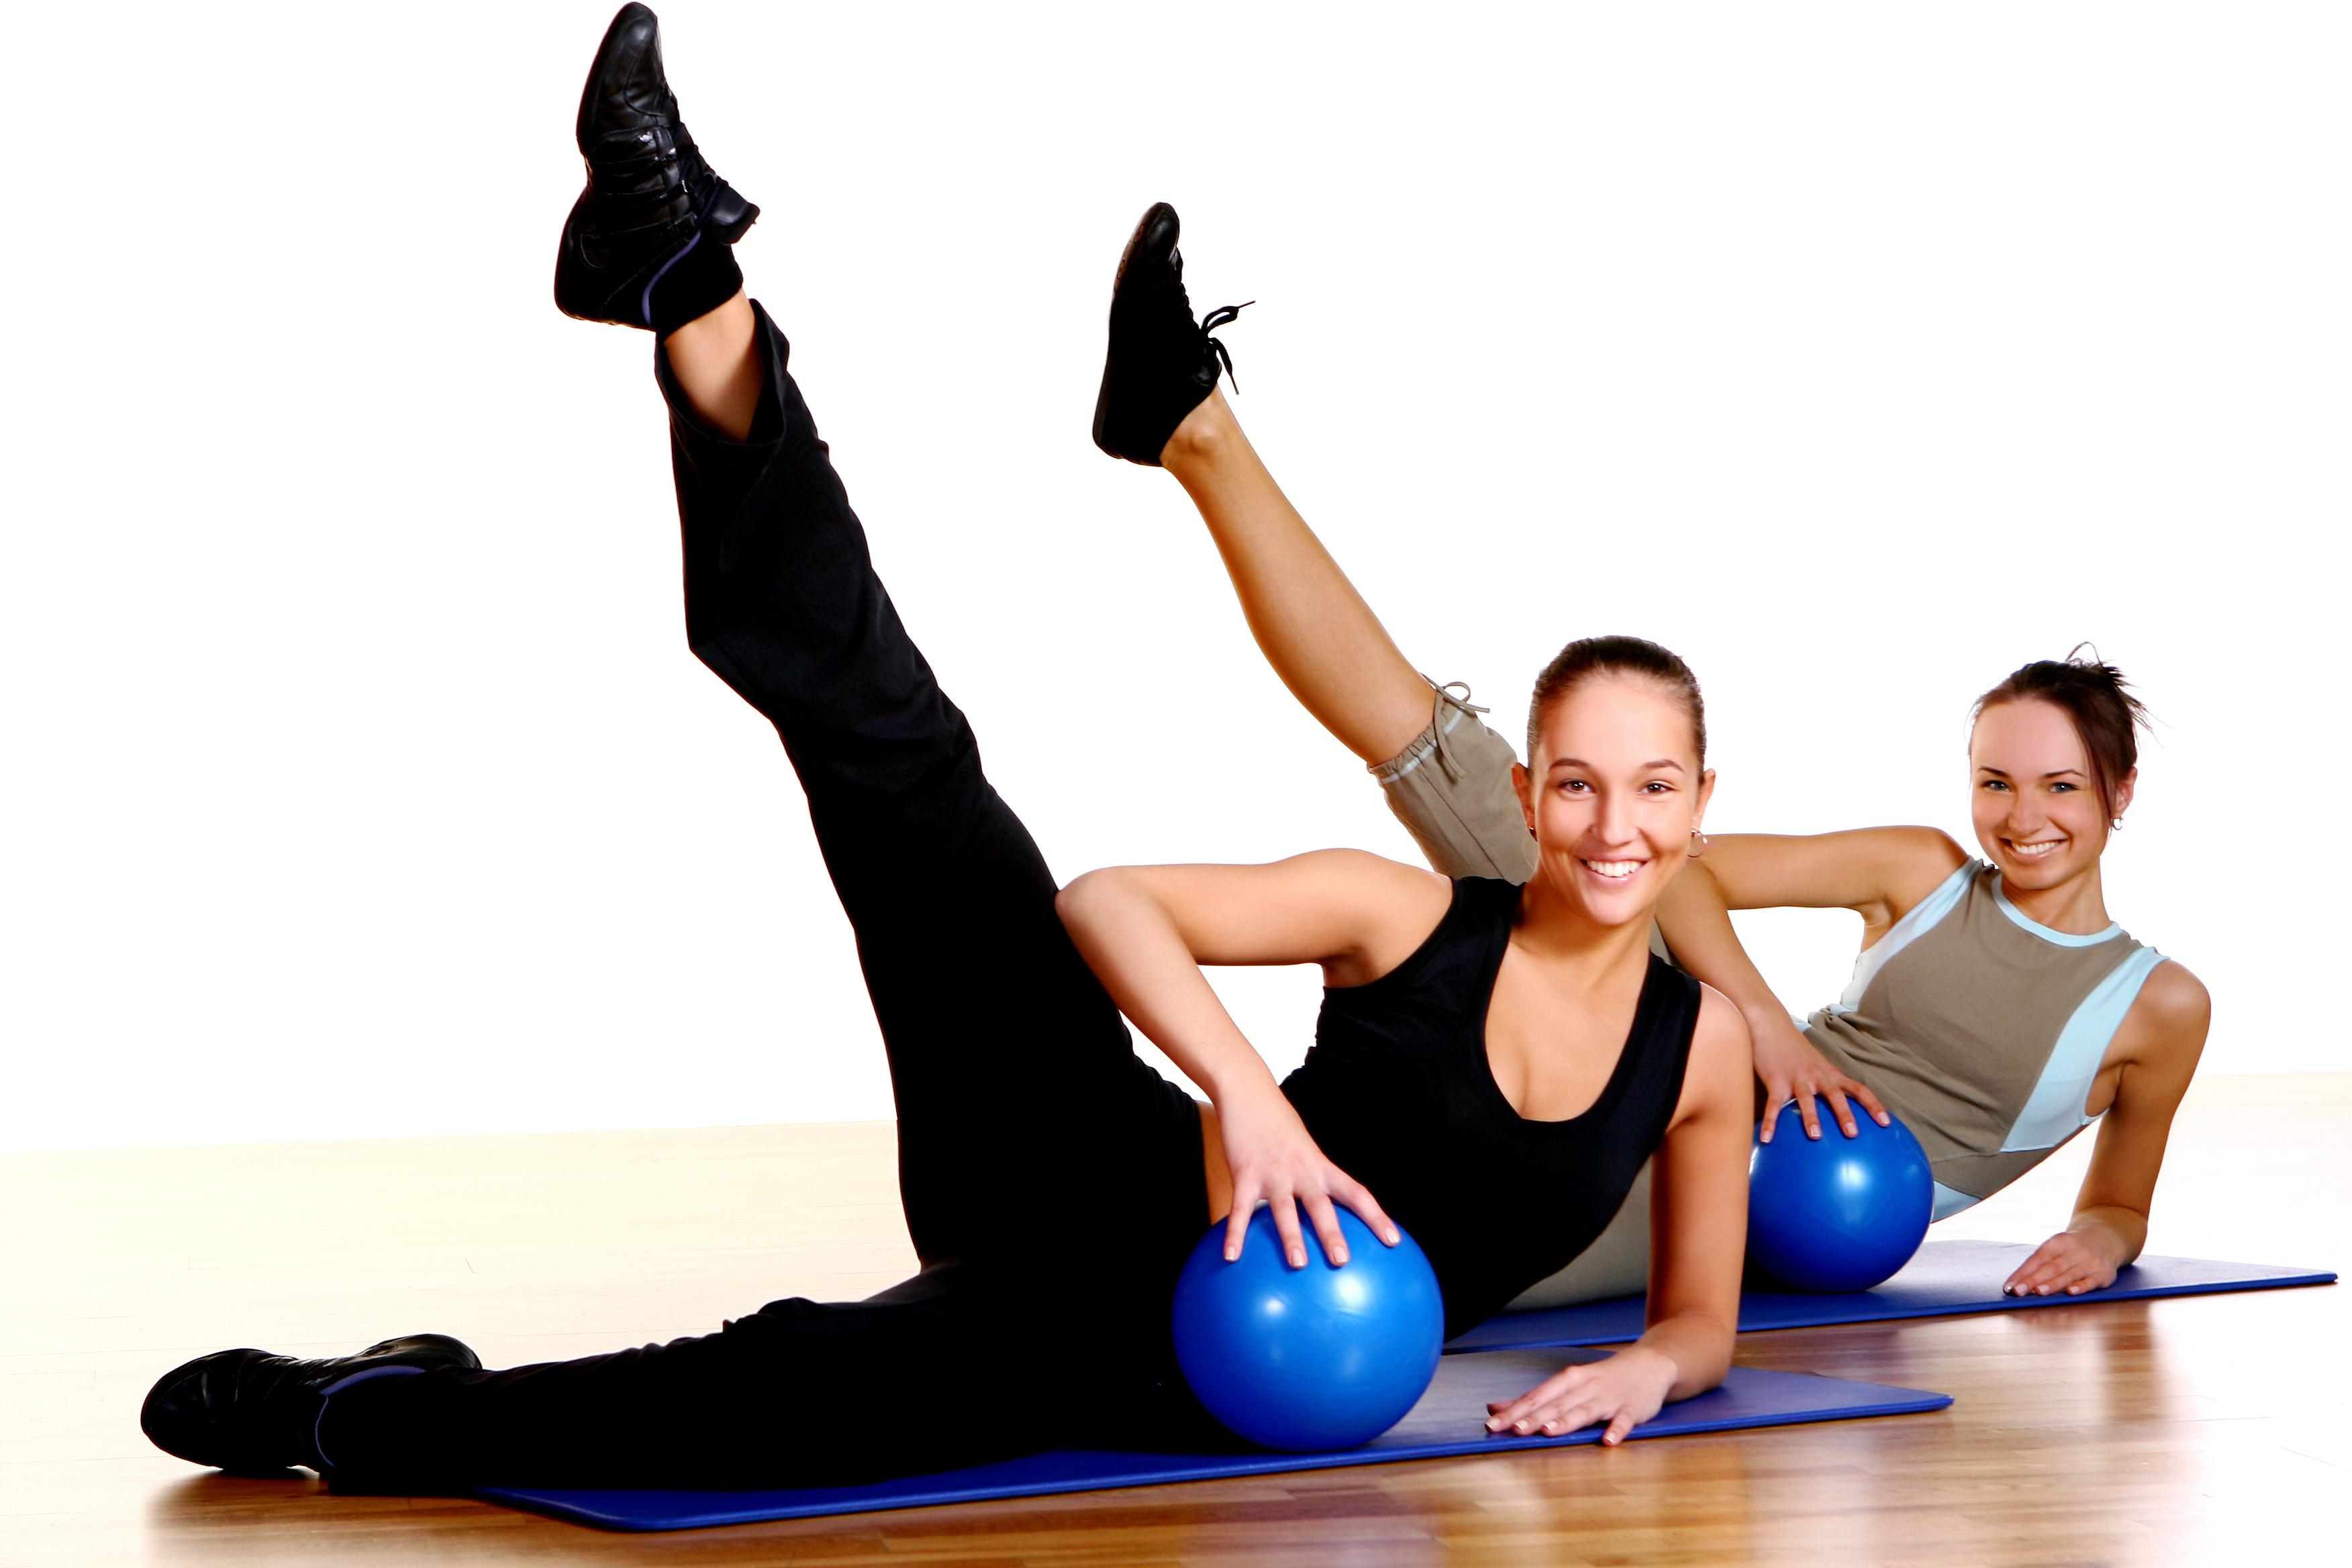 дасгал хөдөлгөөний ач тус зурган илэрцүүд